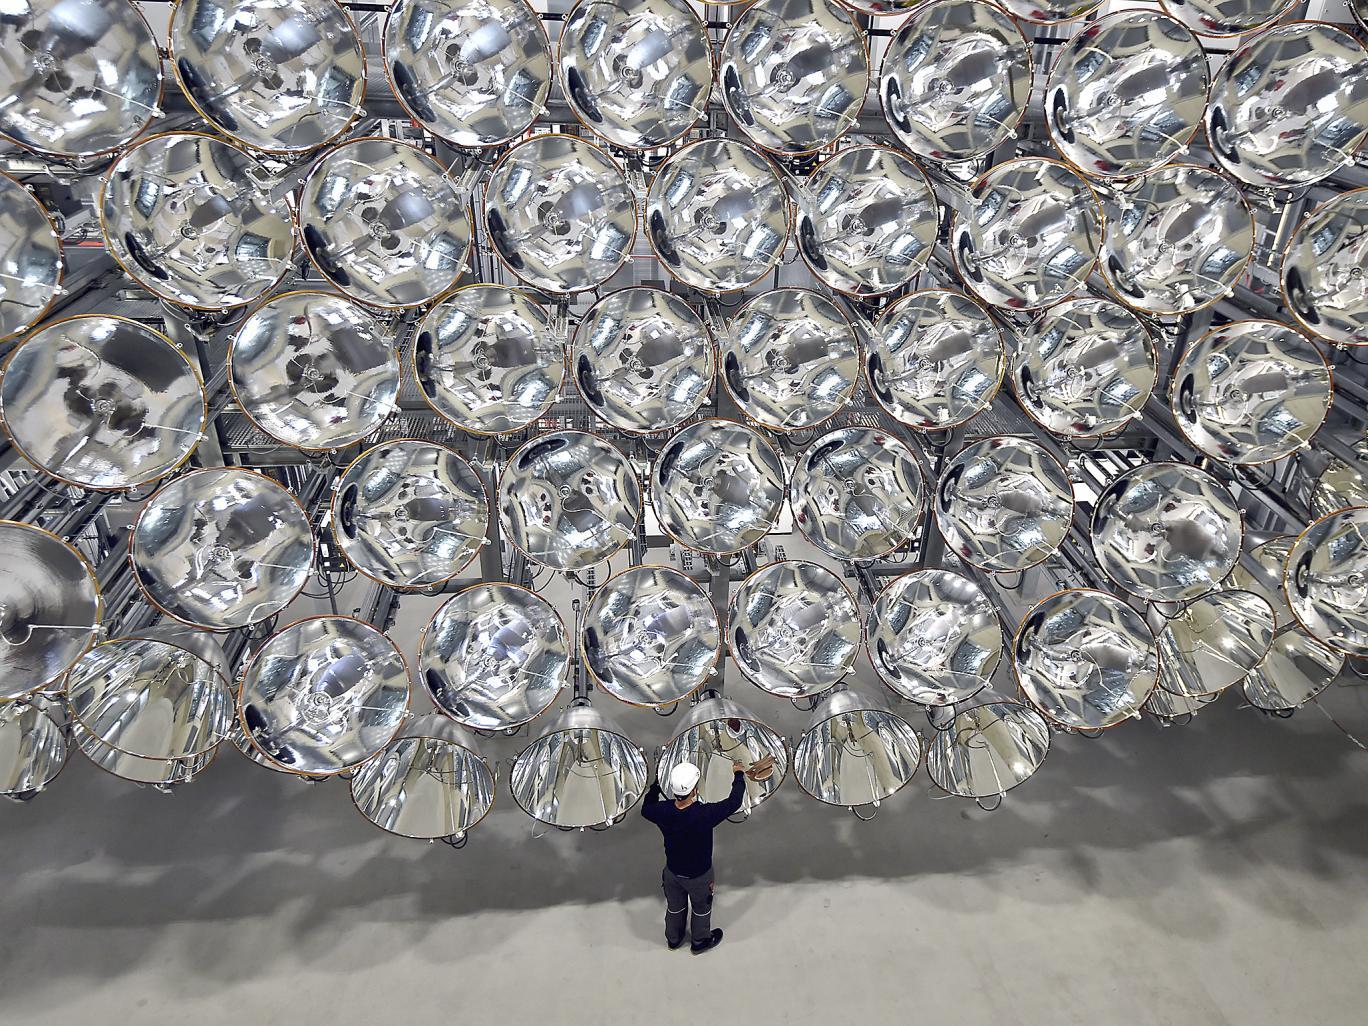 ساخت بزرگترین خورشید مصنوعی جهان در آلمان